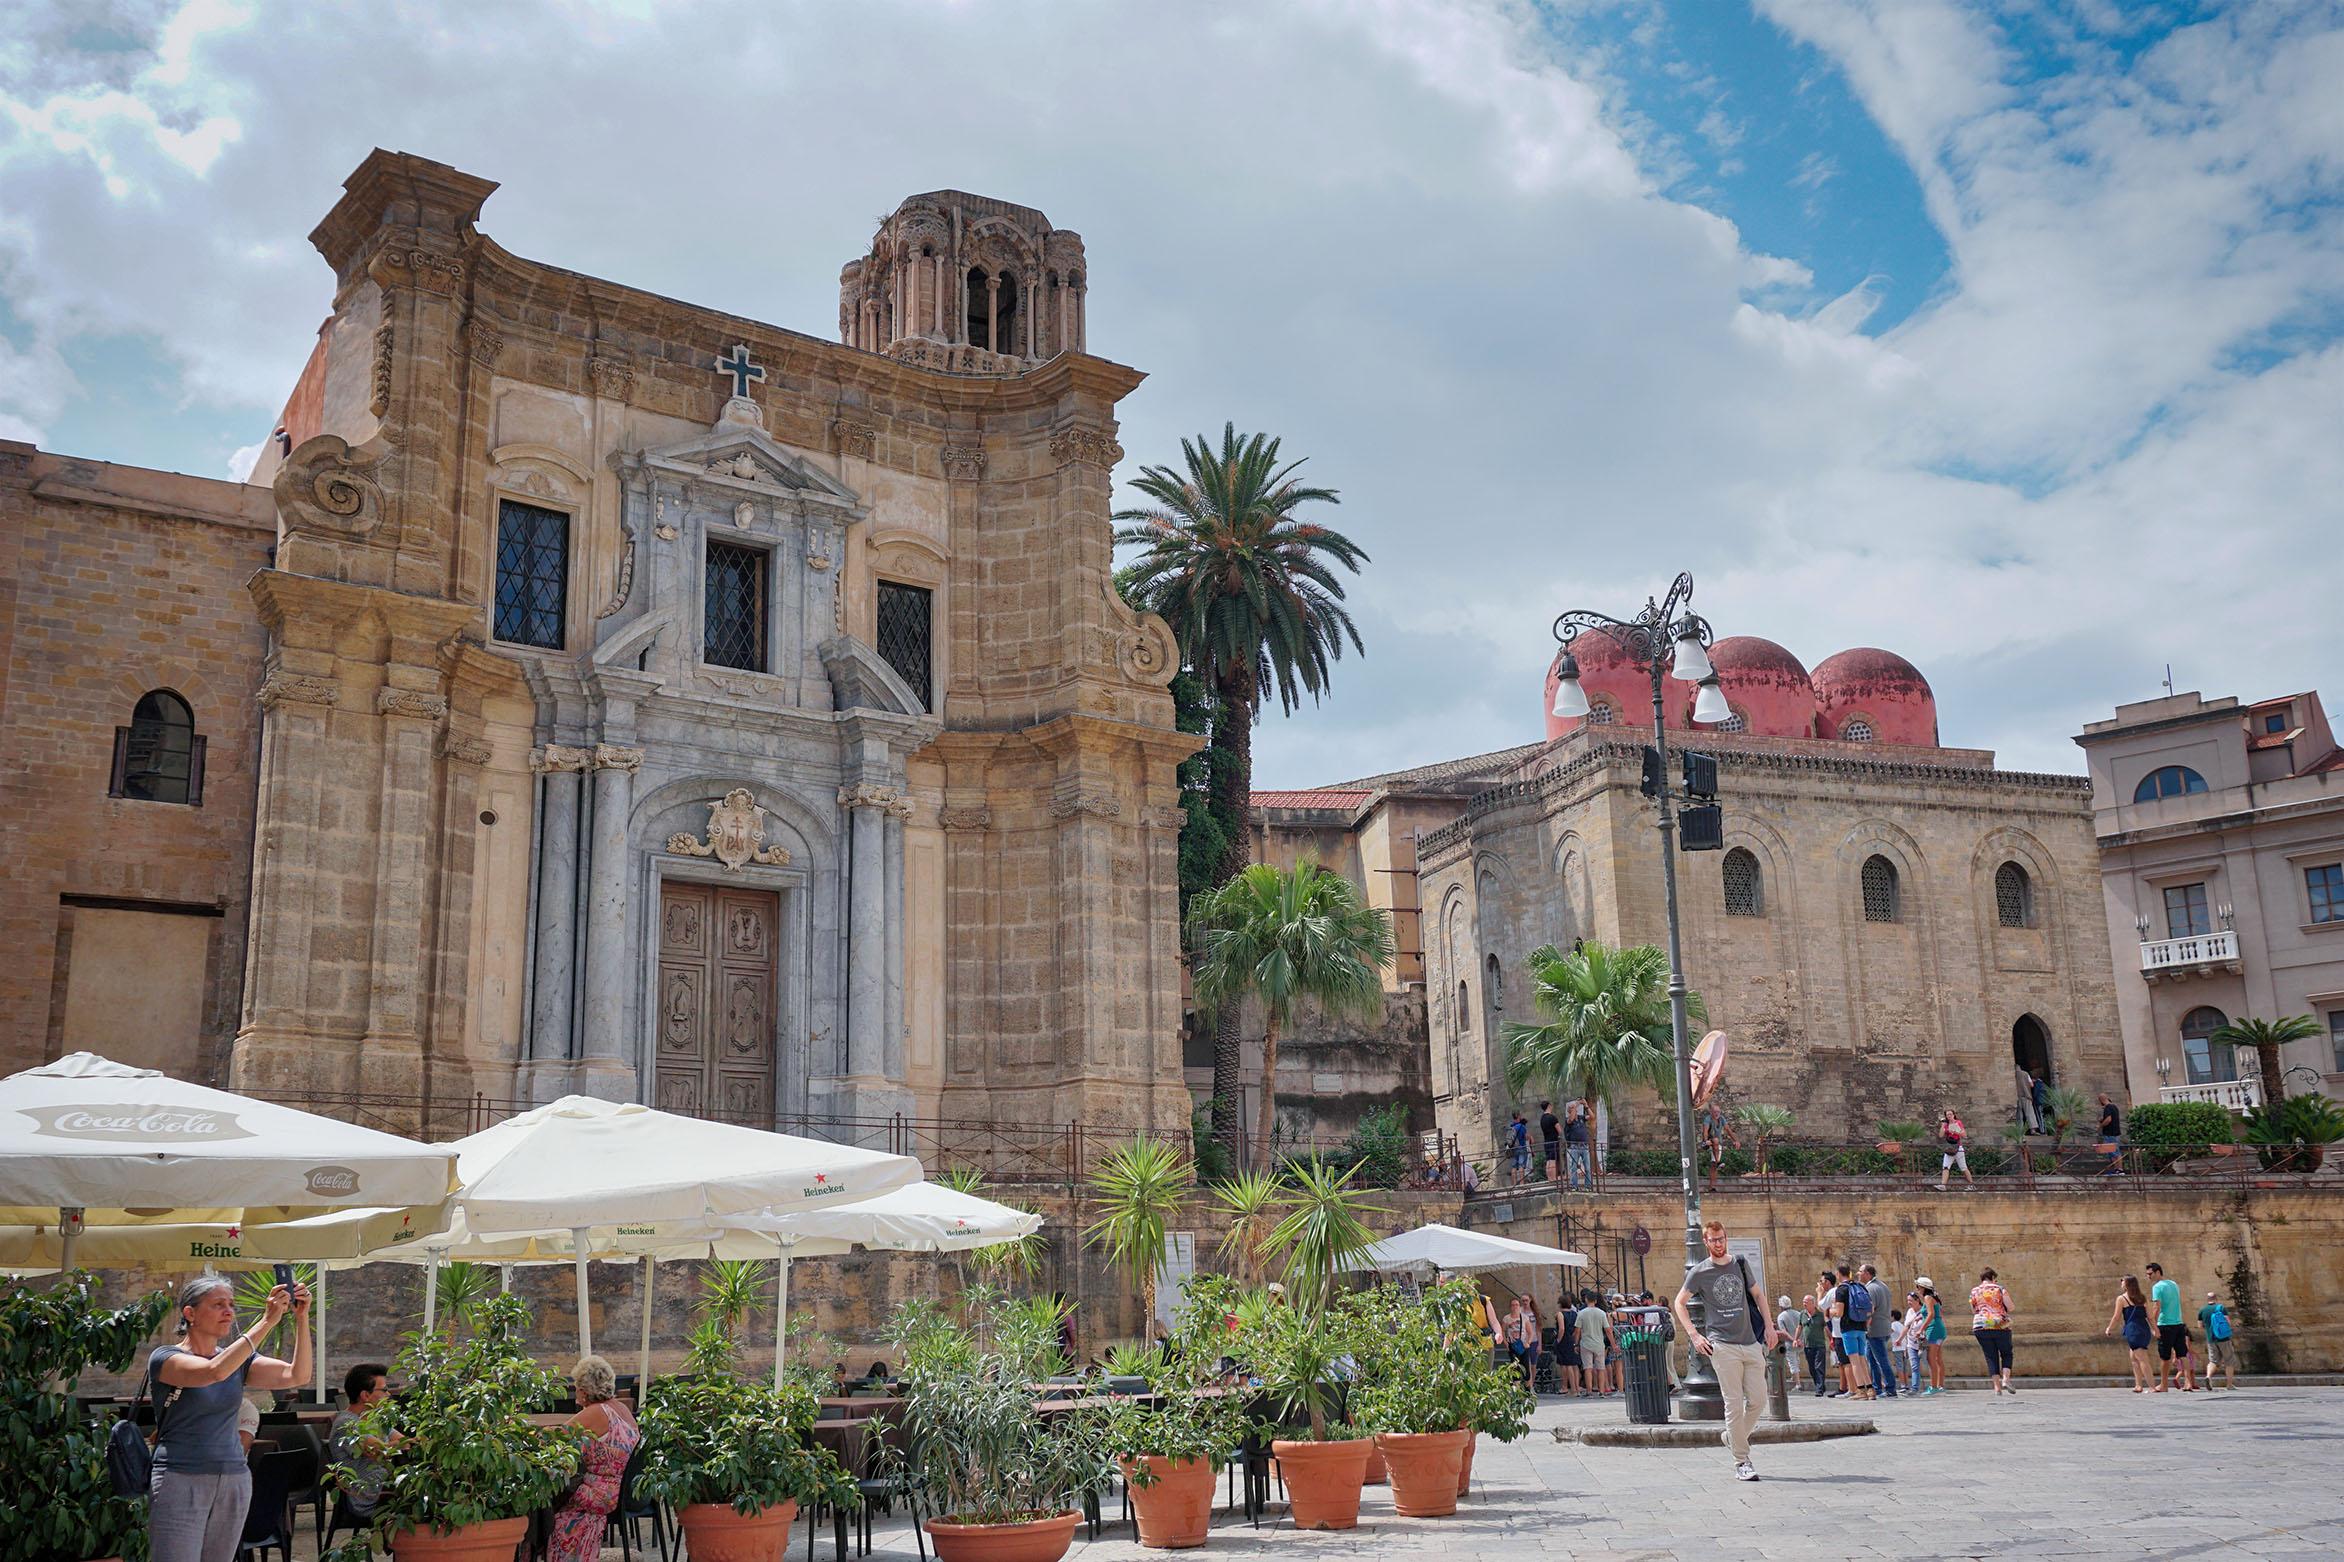 Fra decadenza e rinascita, la Kalsa, il cuore di Palermo